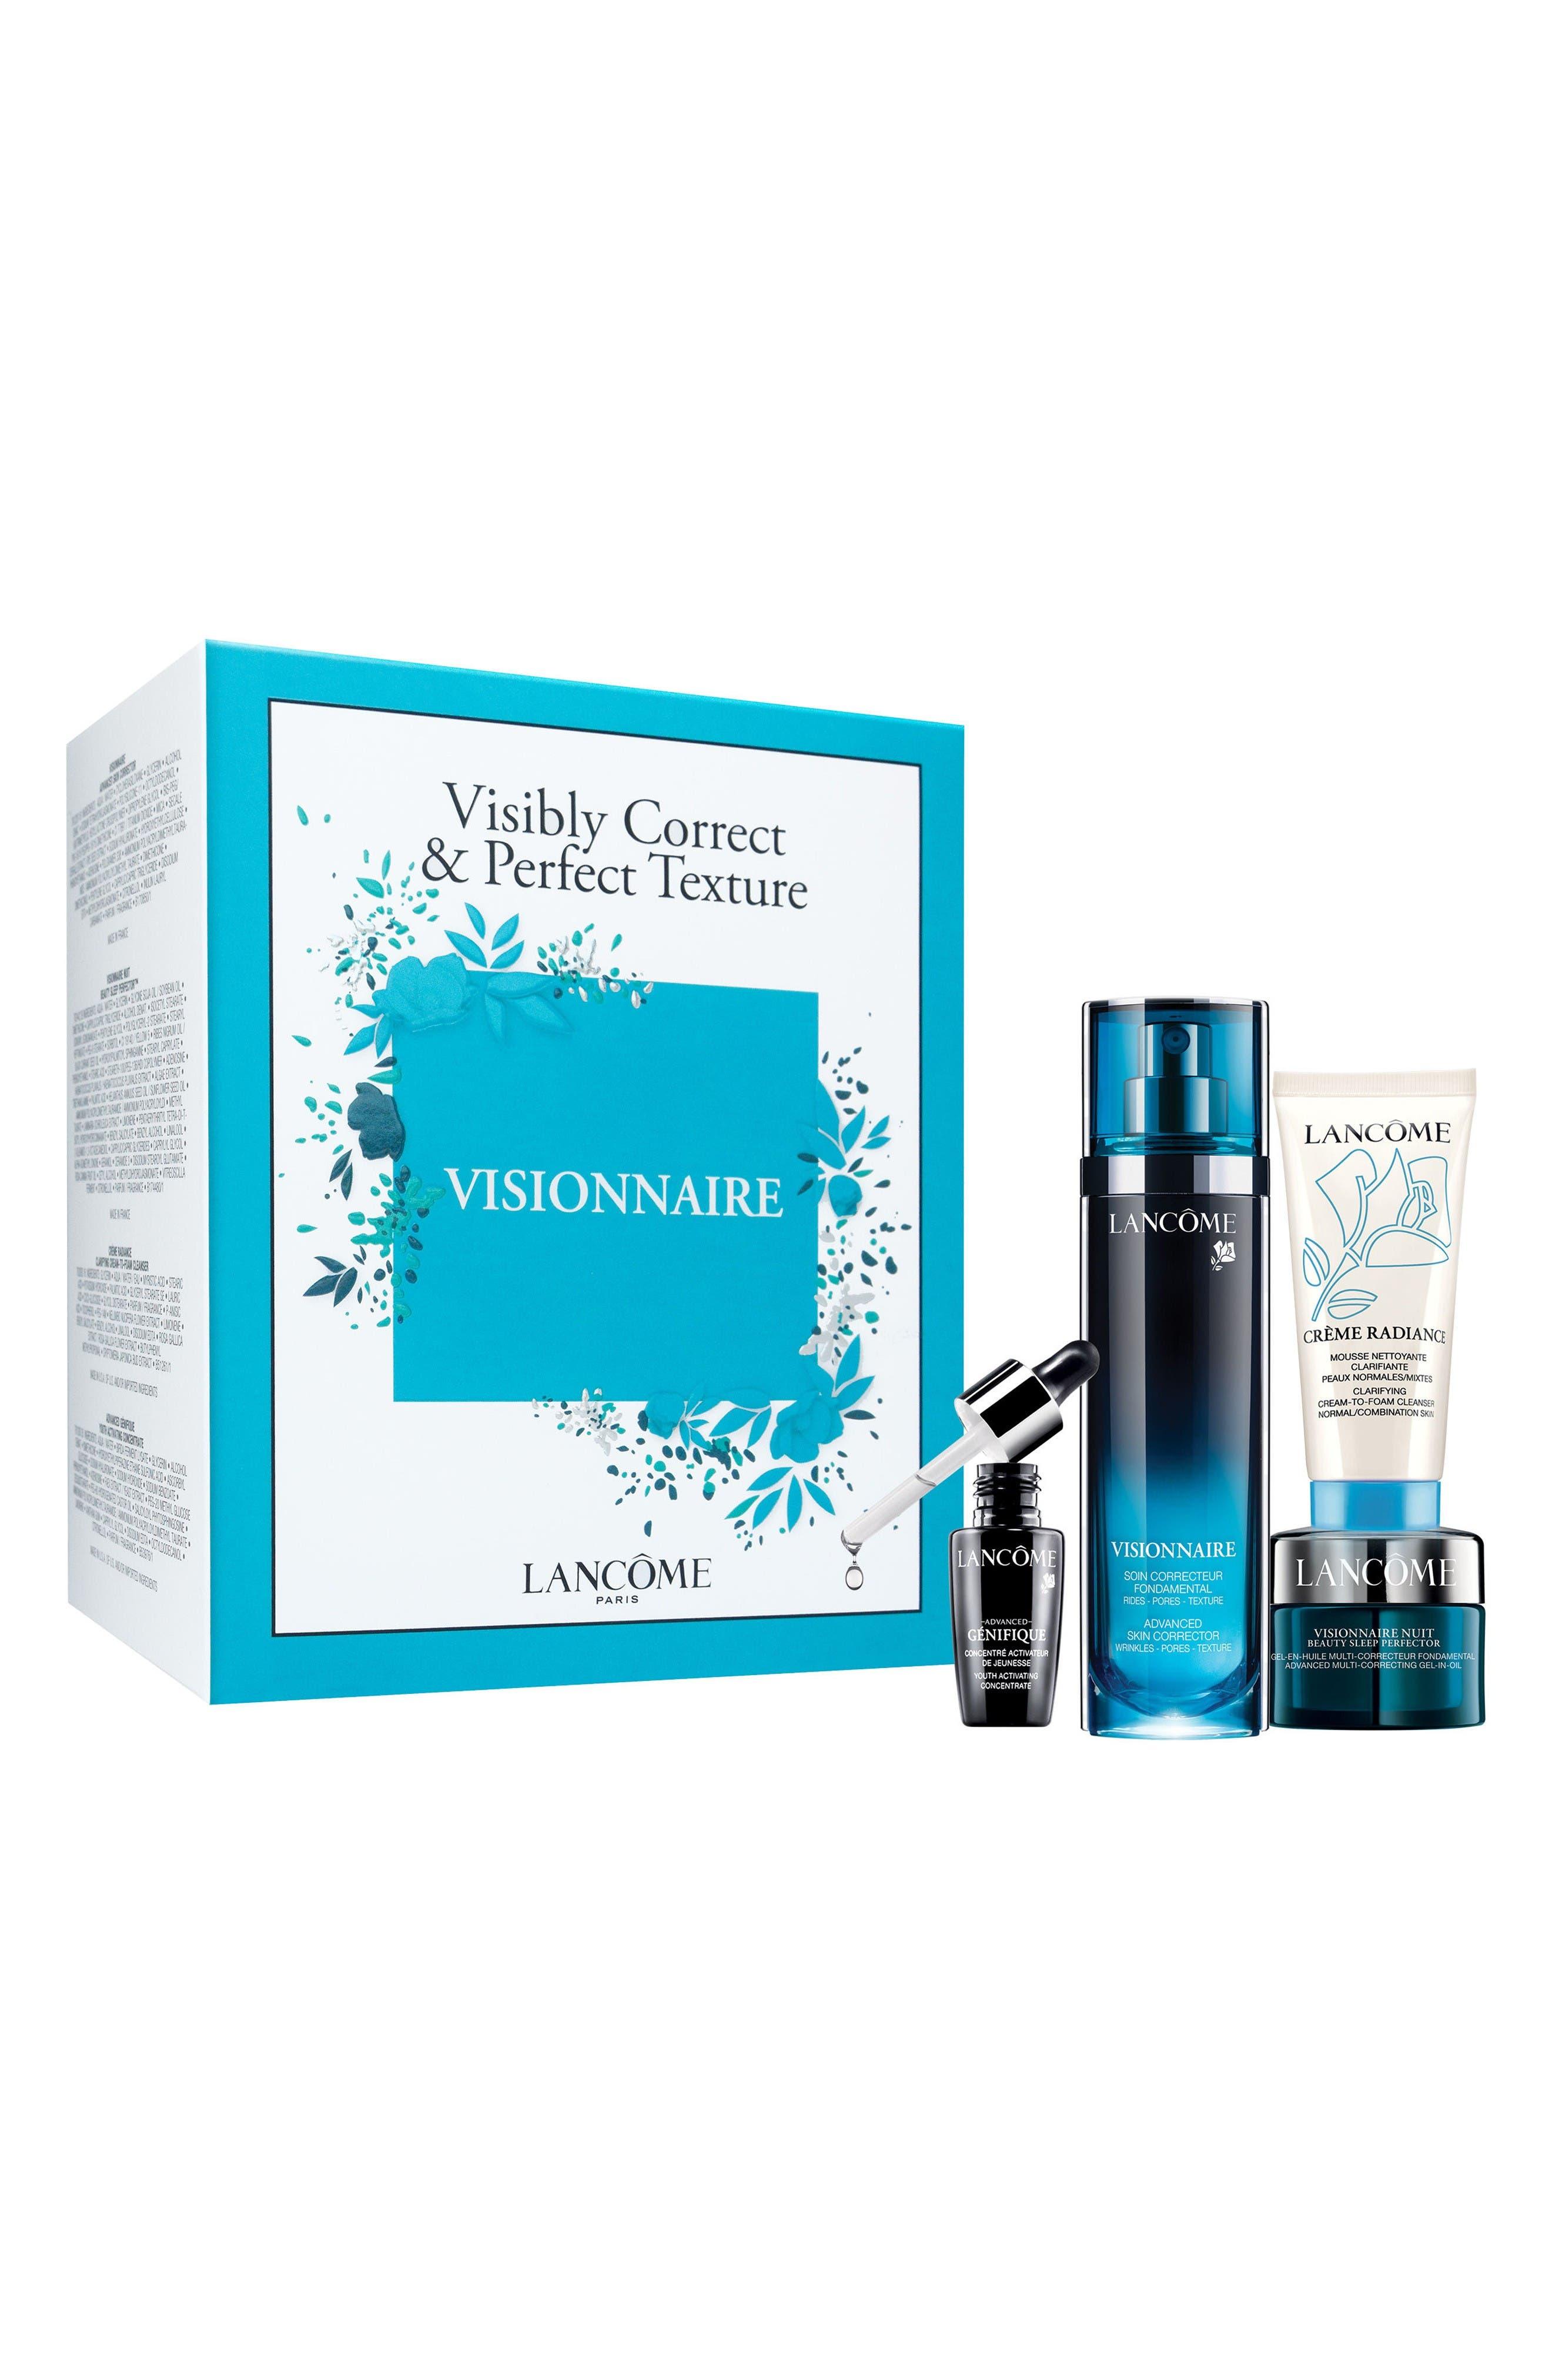 Lancôme The Visionnaire Regimen Set ($138 Value)